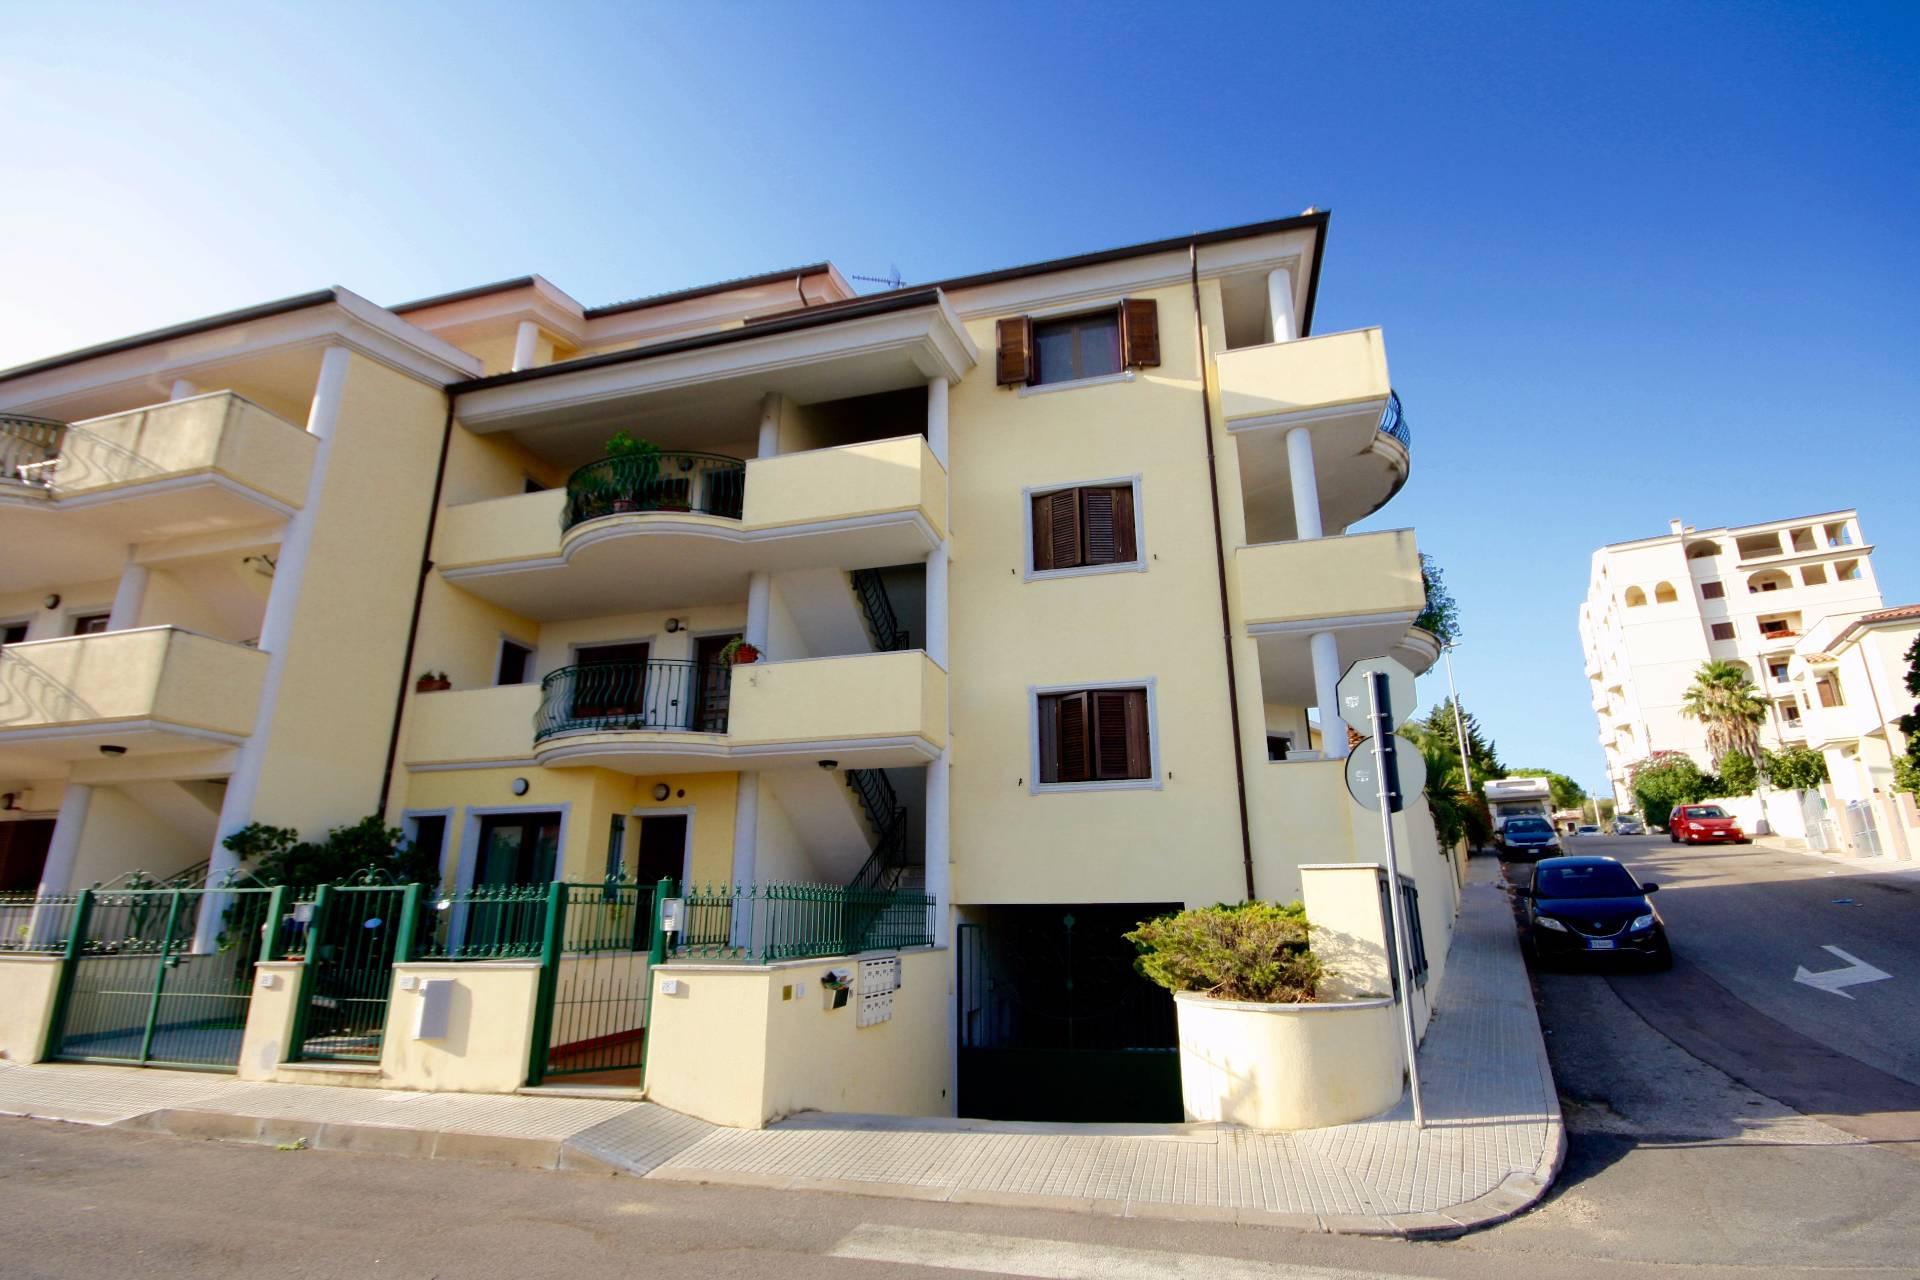 Appartamento in vendita a Olbia - Porto Rotondo, 3 locali, zona Località: Olbiacittà, prezzo € 180.000 | CambioCasa.it